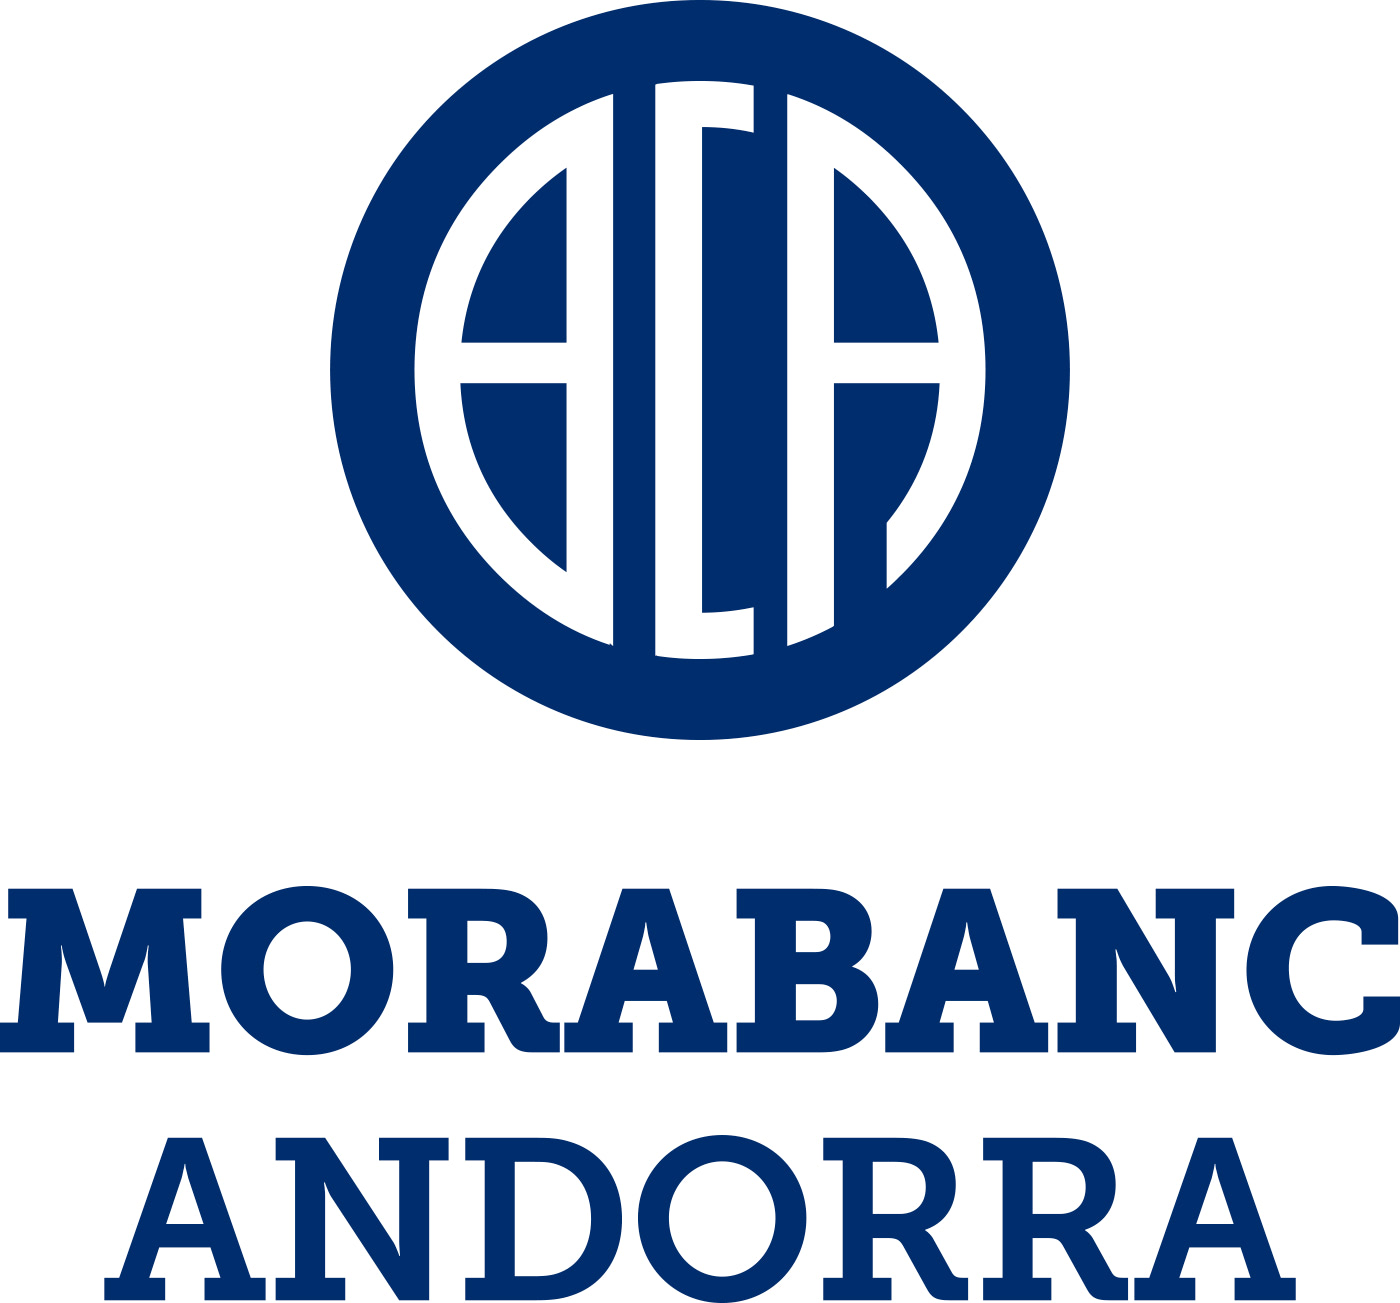 bc morabanc andorra p224gina oficial